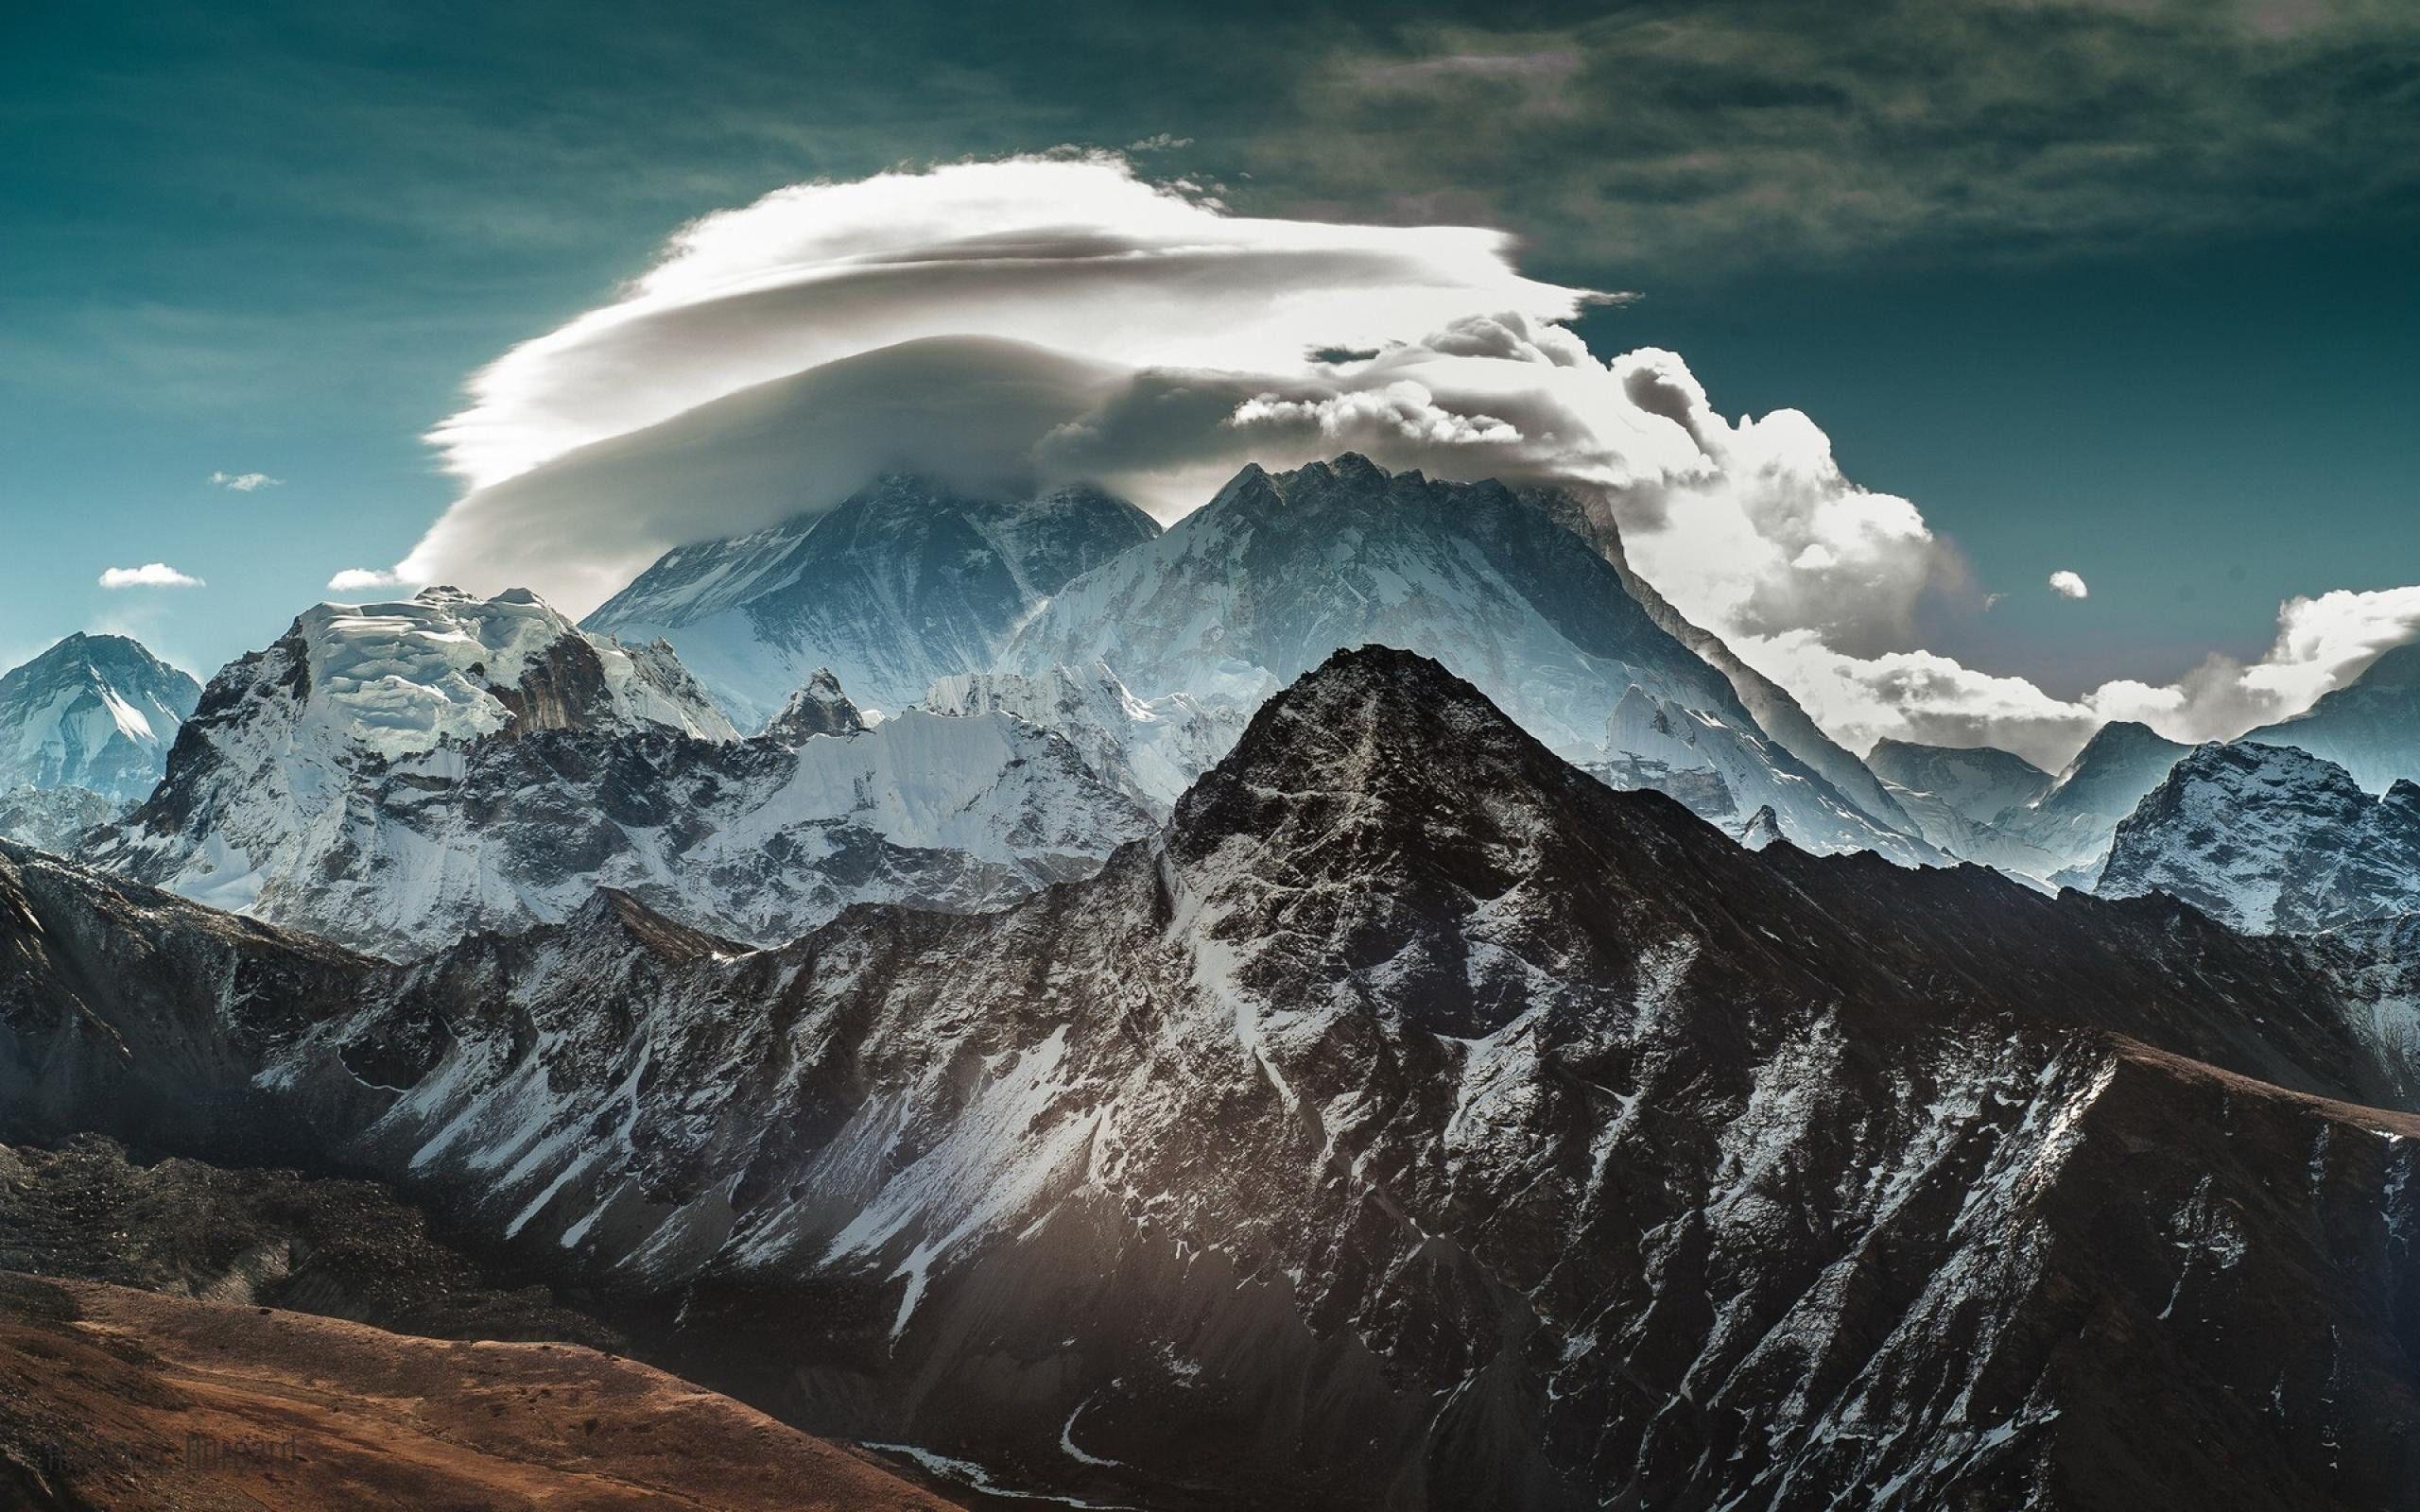 エベレストクラウド 風景写真の壁紙 2560x1600 壁紙ダウンロード 10wallpaper Com 風景写真 風景 エベレスト